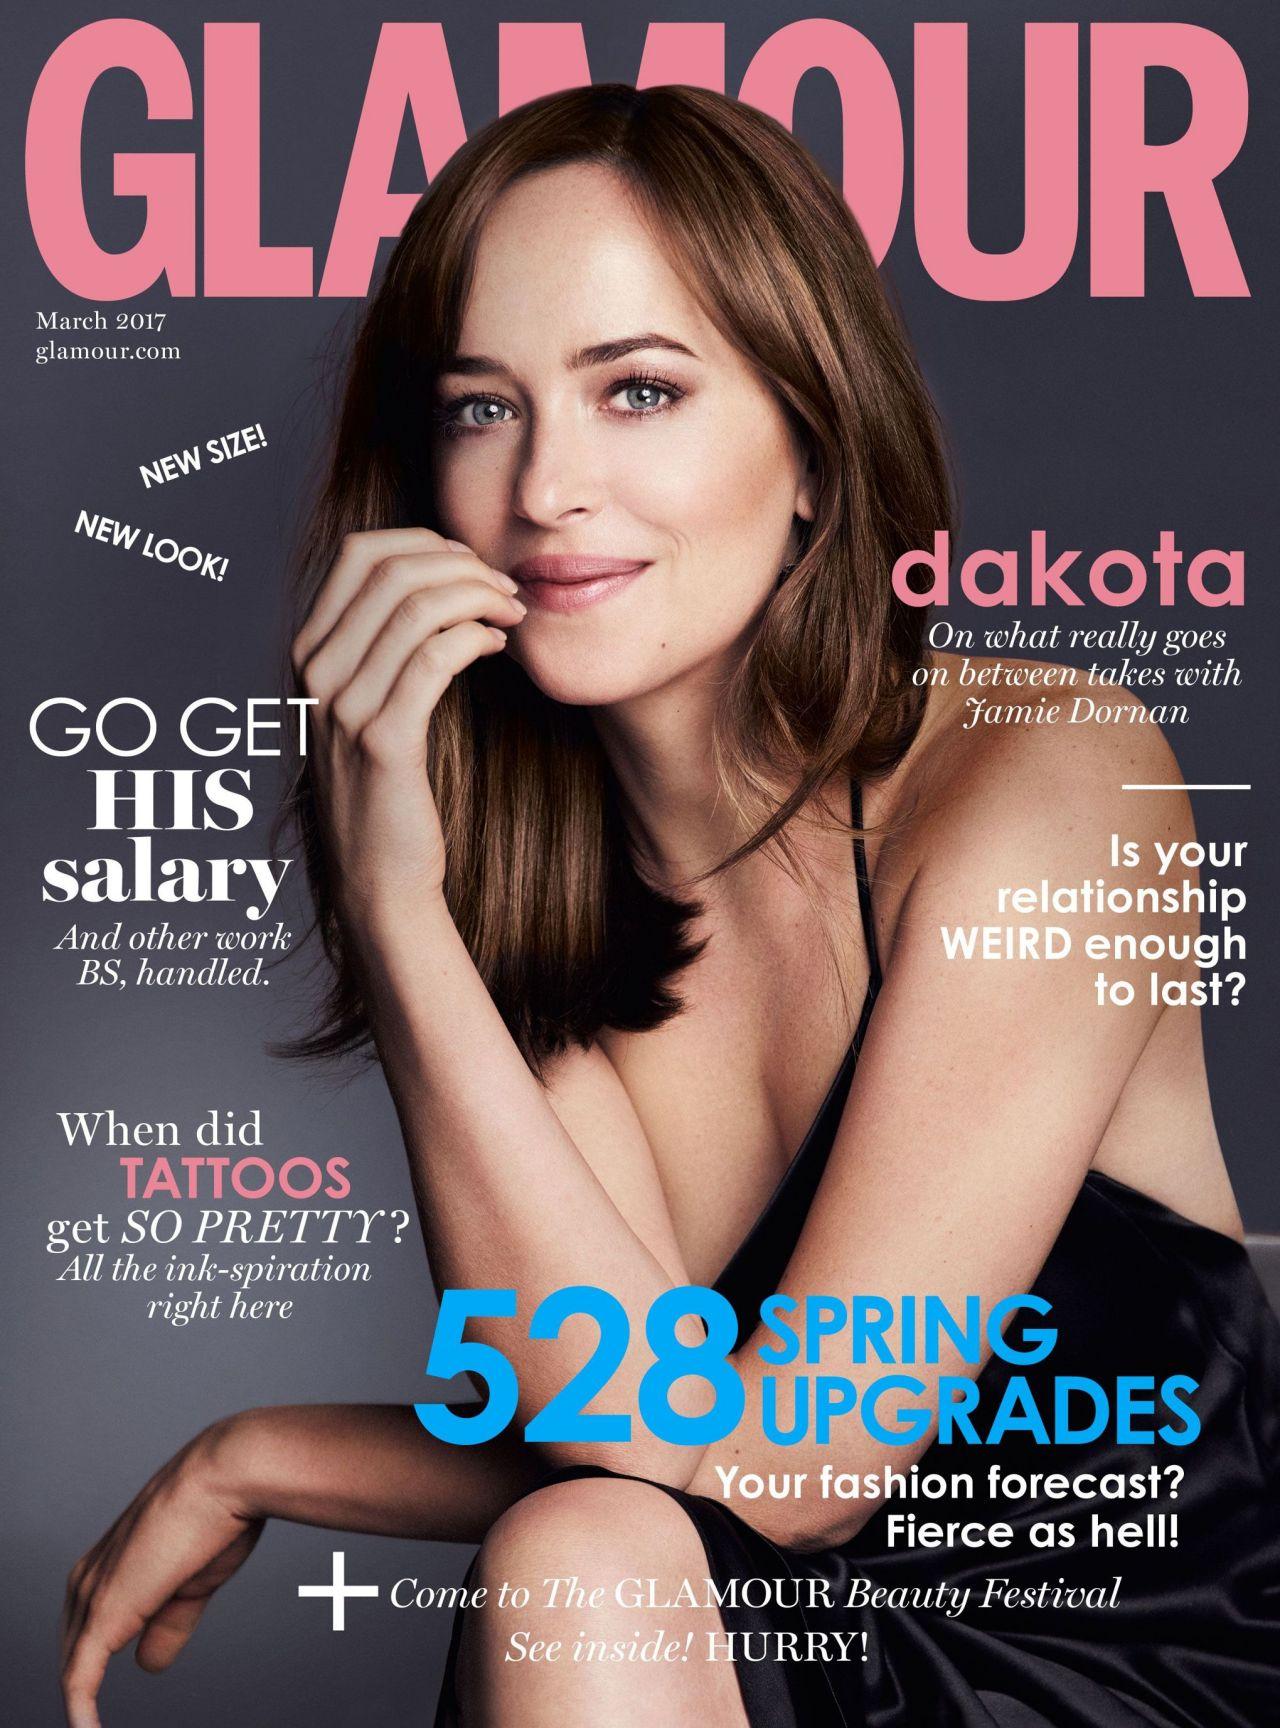 Dakota Johnson - Glamour Magazine UK March 2017 Cover and